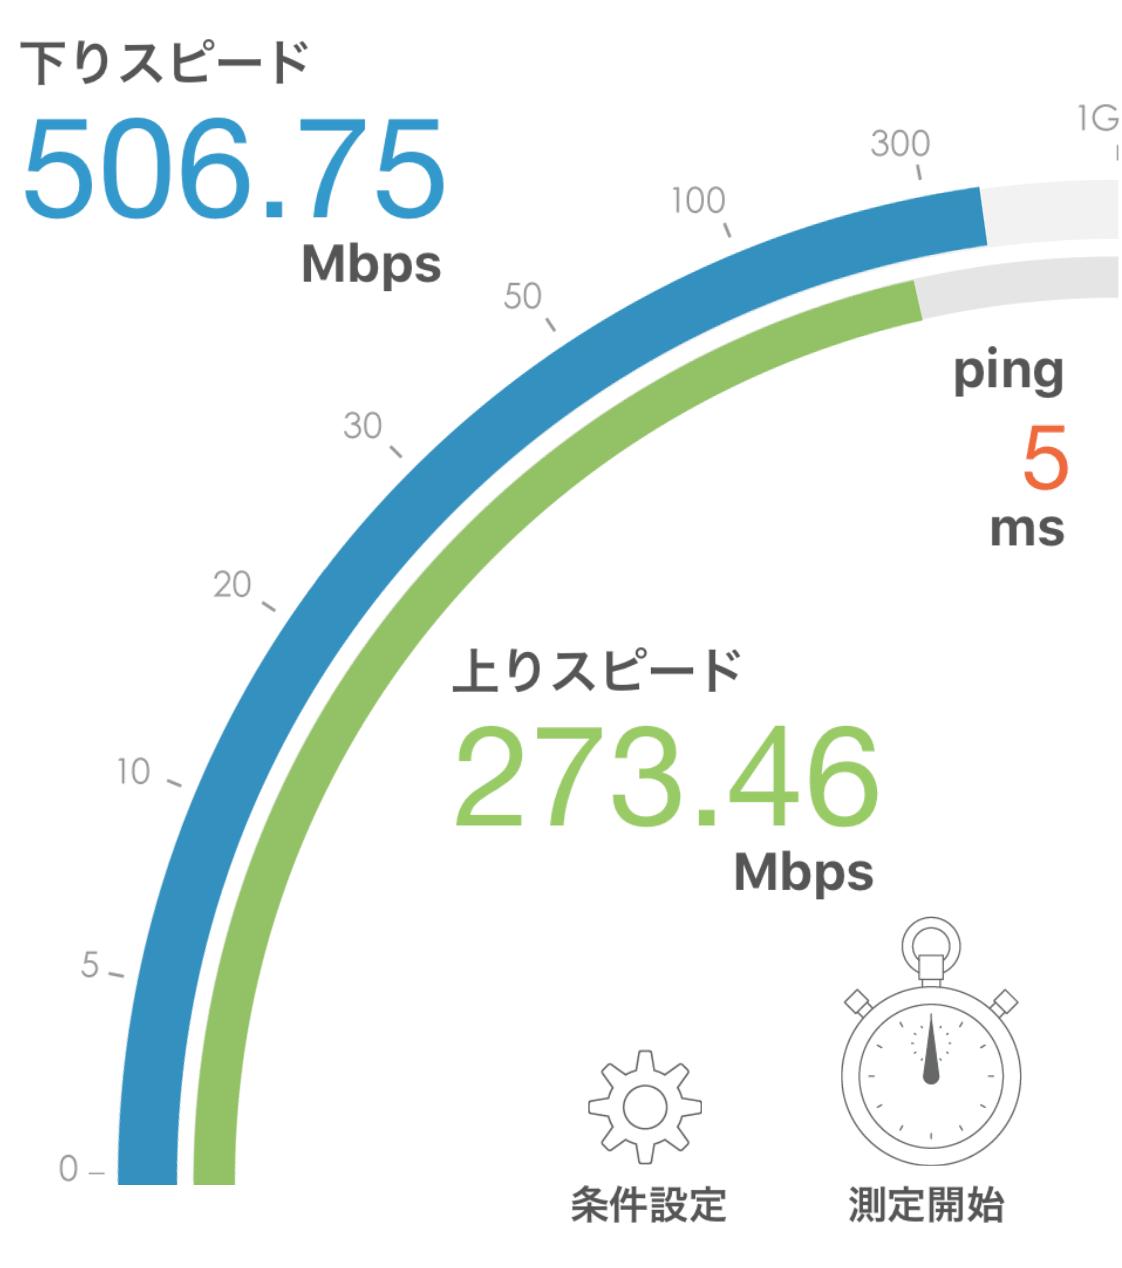 ニューロ光 Wi-Fi実測 2019年5月 計測結果